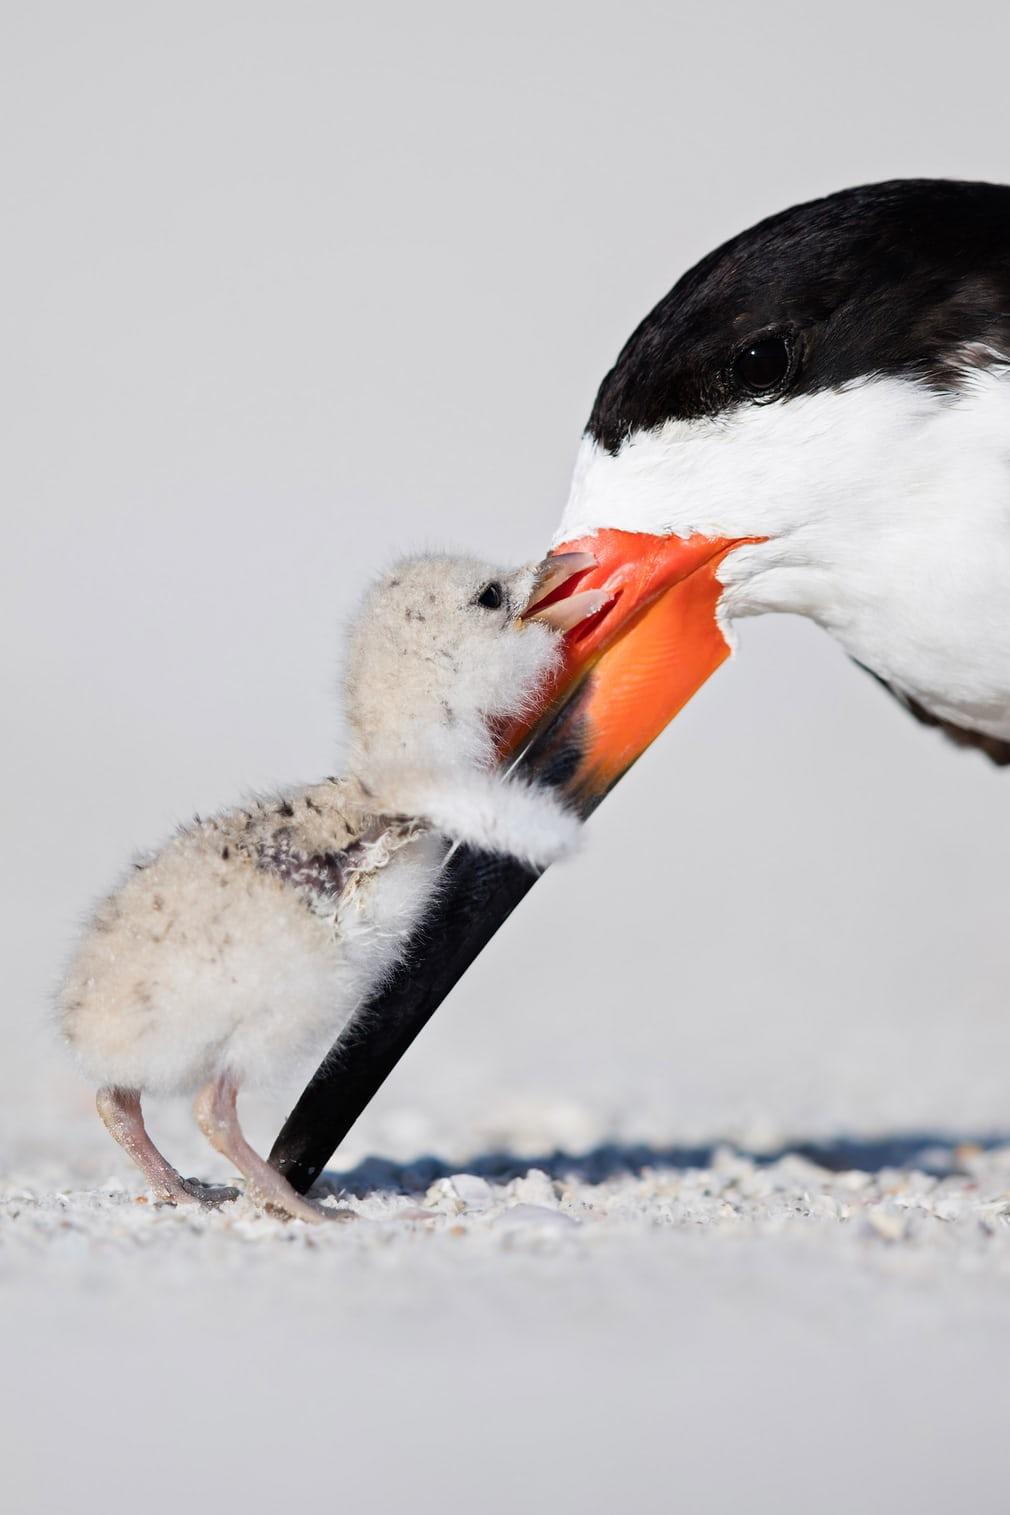 Bức ảnh chụp con chim xúc cá đen non âu yếm chim mẹ của nhiếp ảnh gia người Mỹ Thomas Chadwick đoạt giải đồng ở hạng mục Tập tính loài chim.